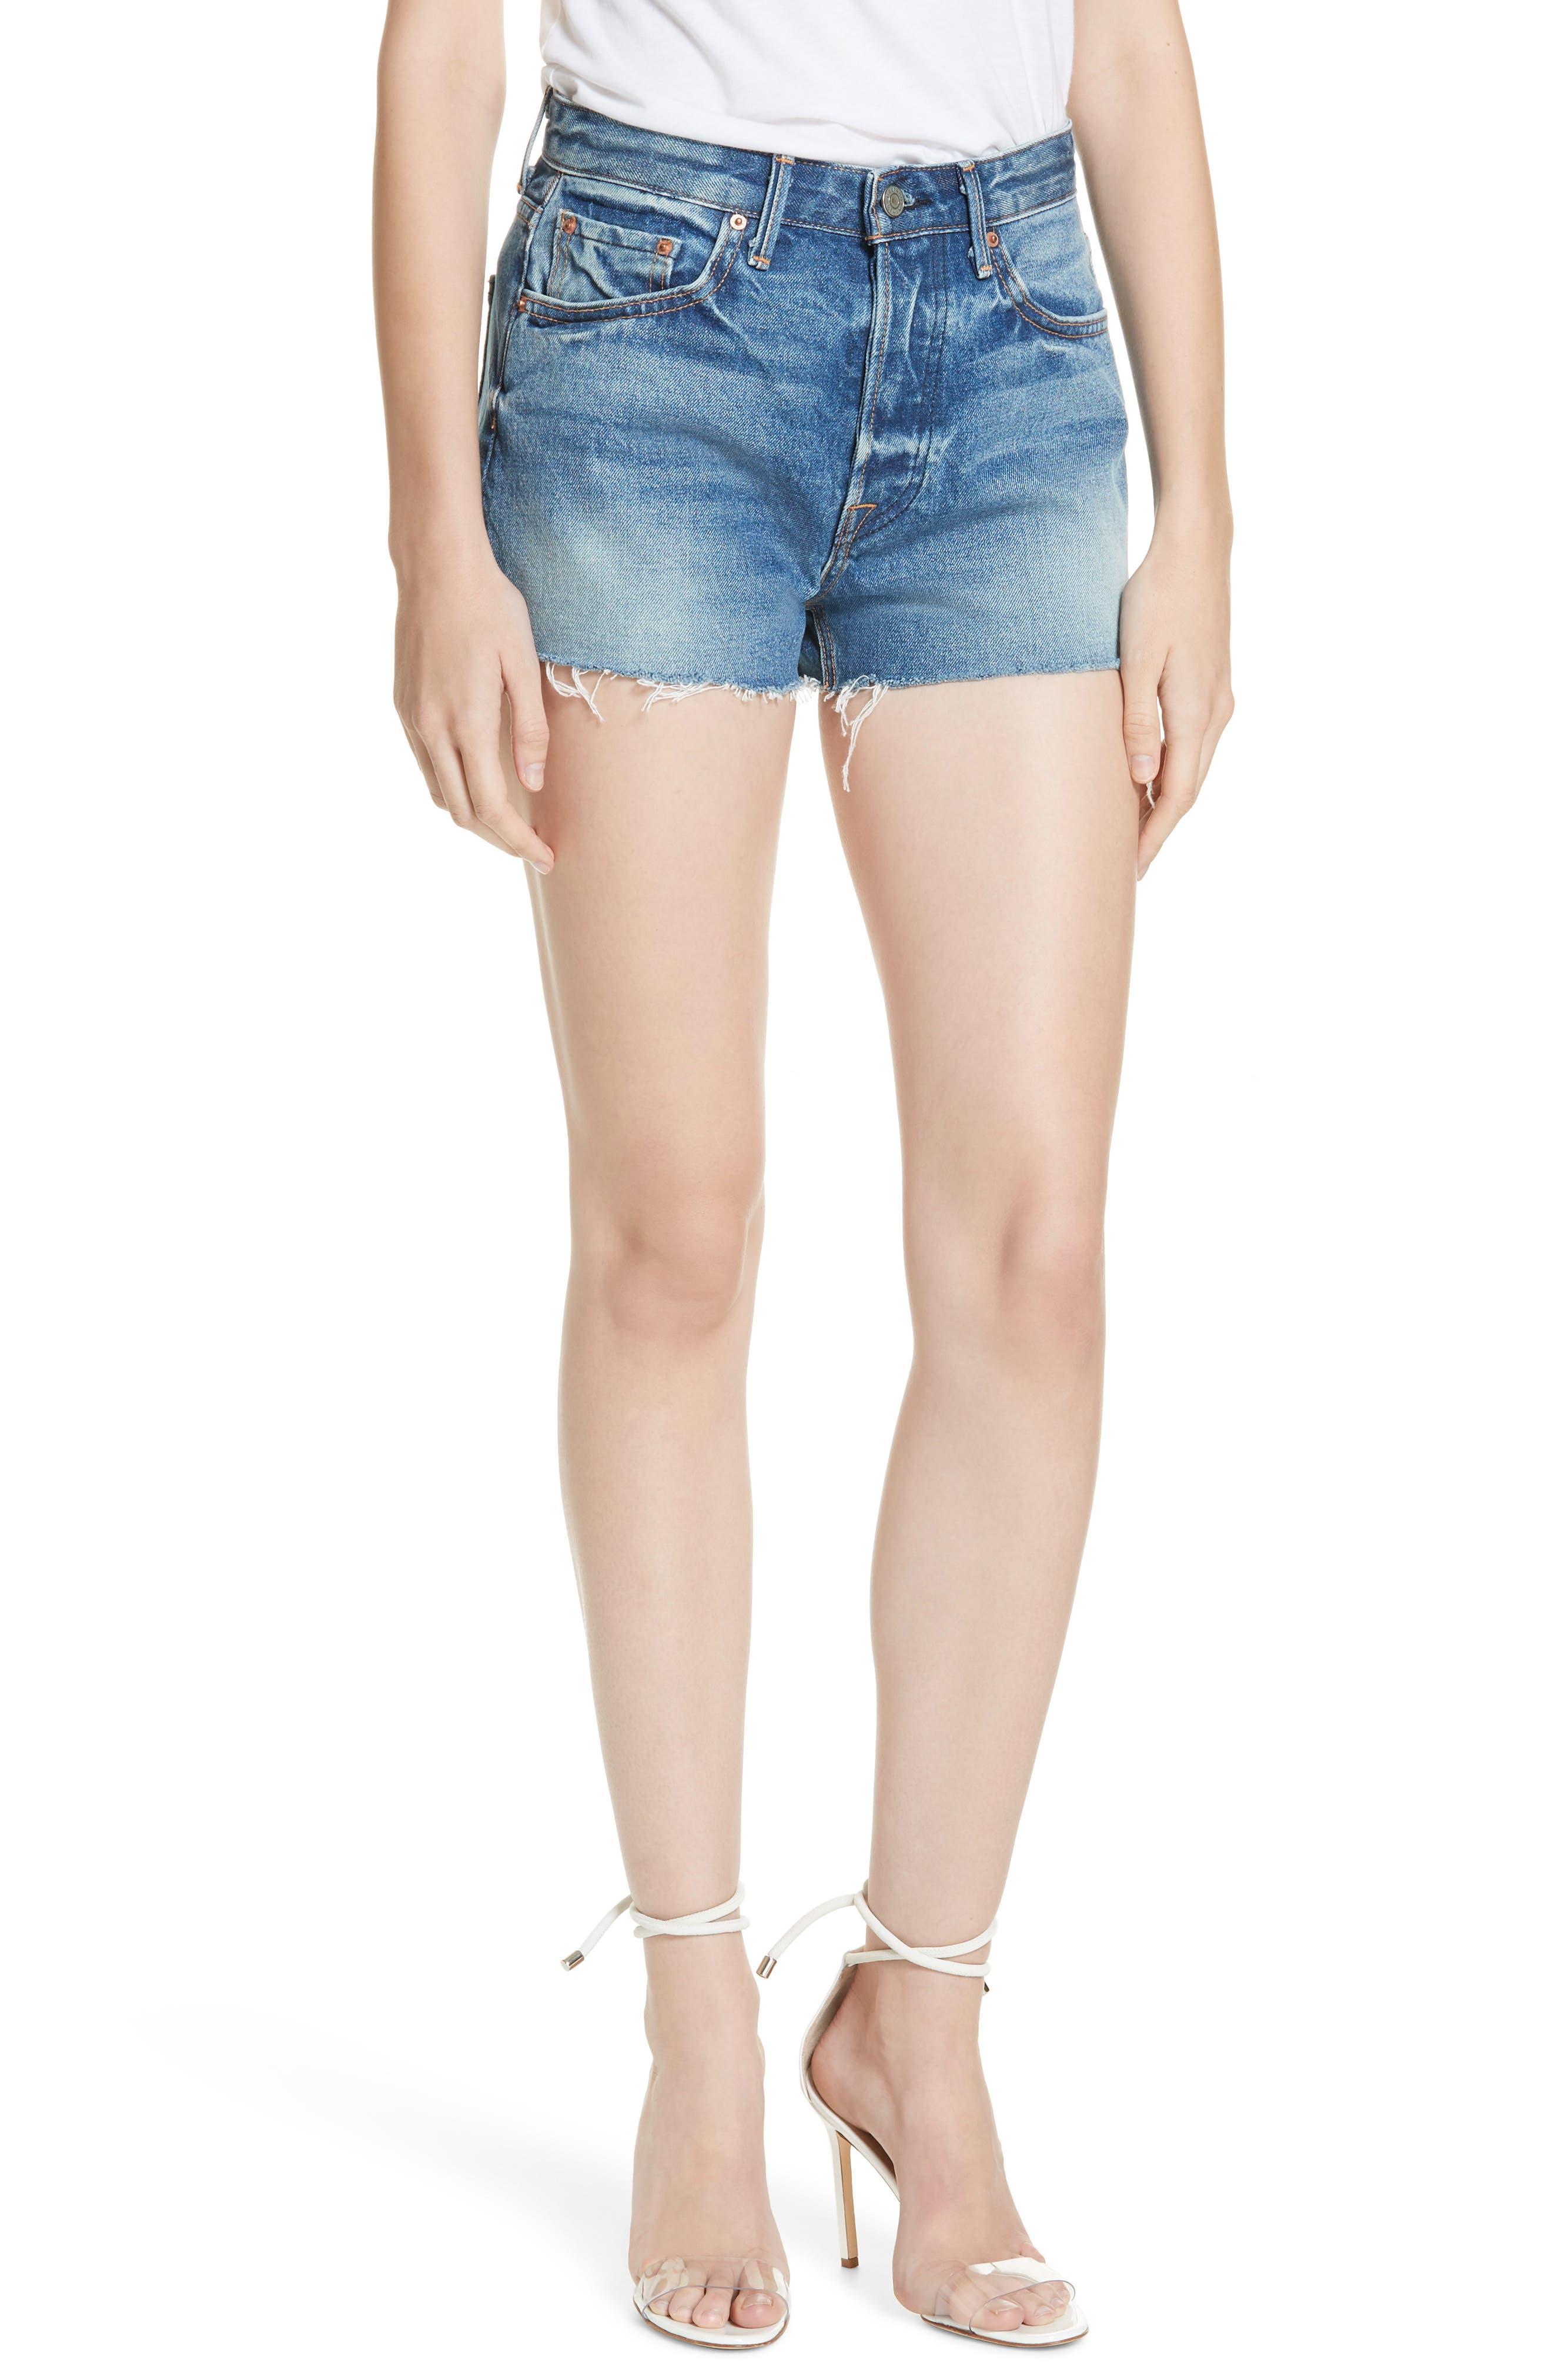 Women's Grlfrnd Cindy High Waist Denim Shorts